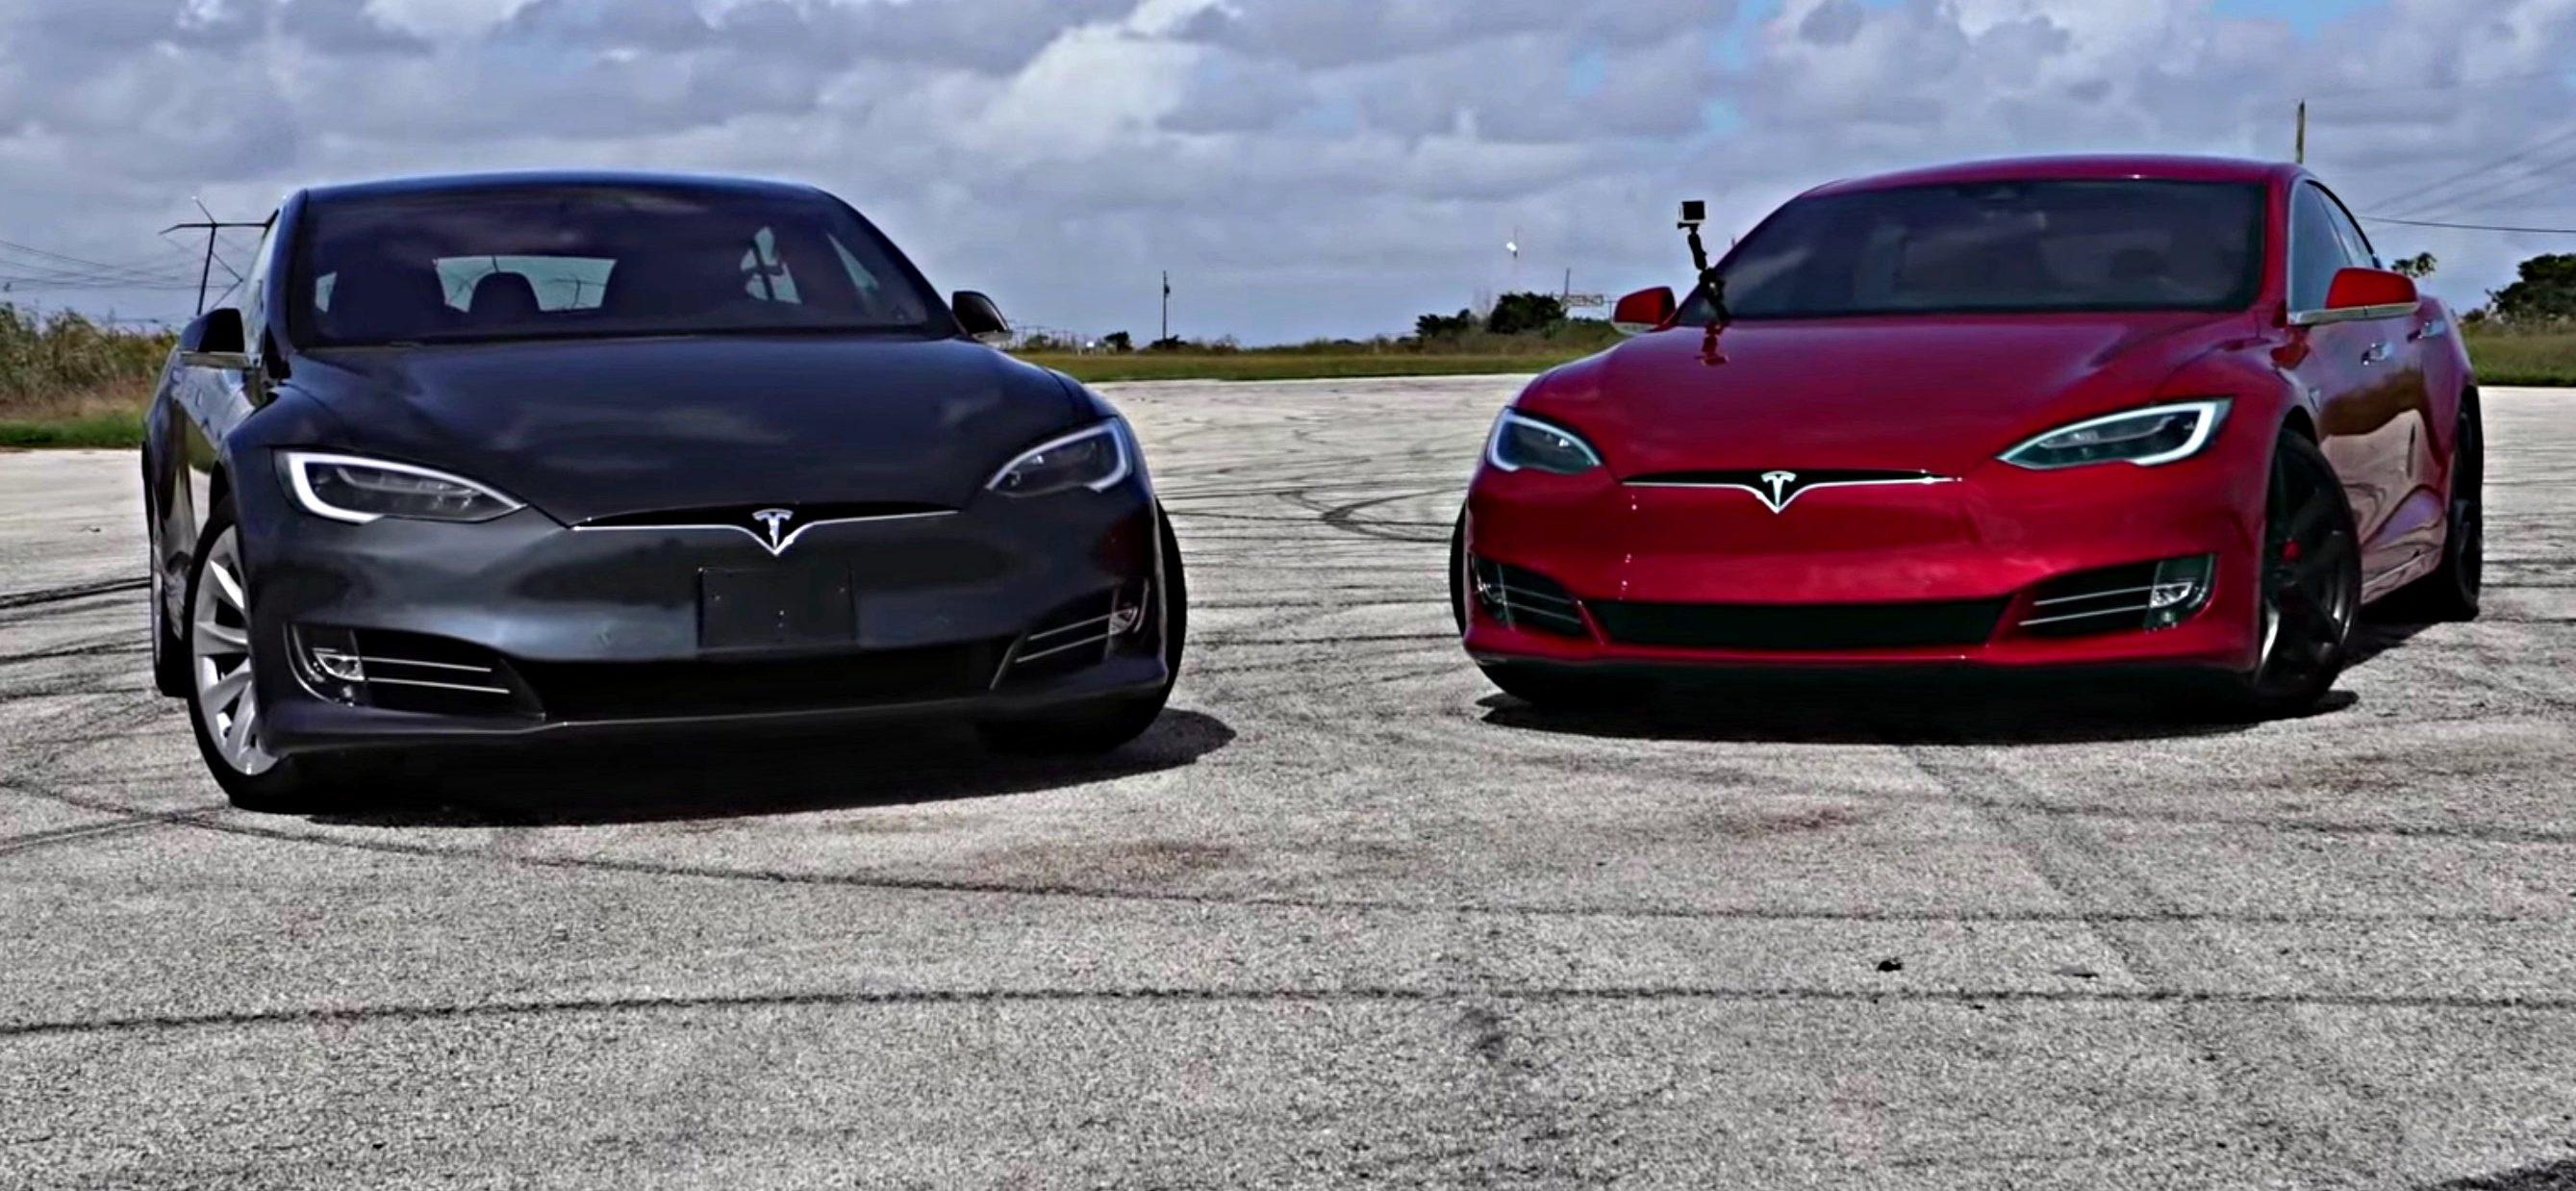 Tesla Model S P100d Vs 100d Is It Worth The Extra 36k To Upgrade